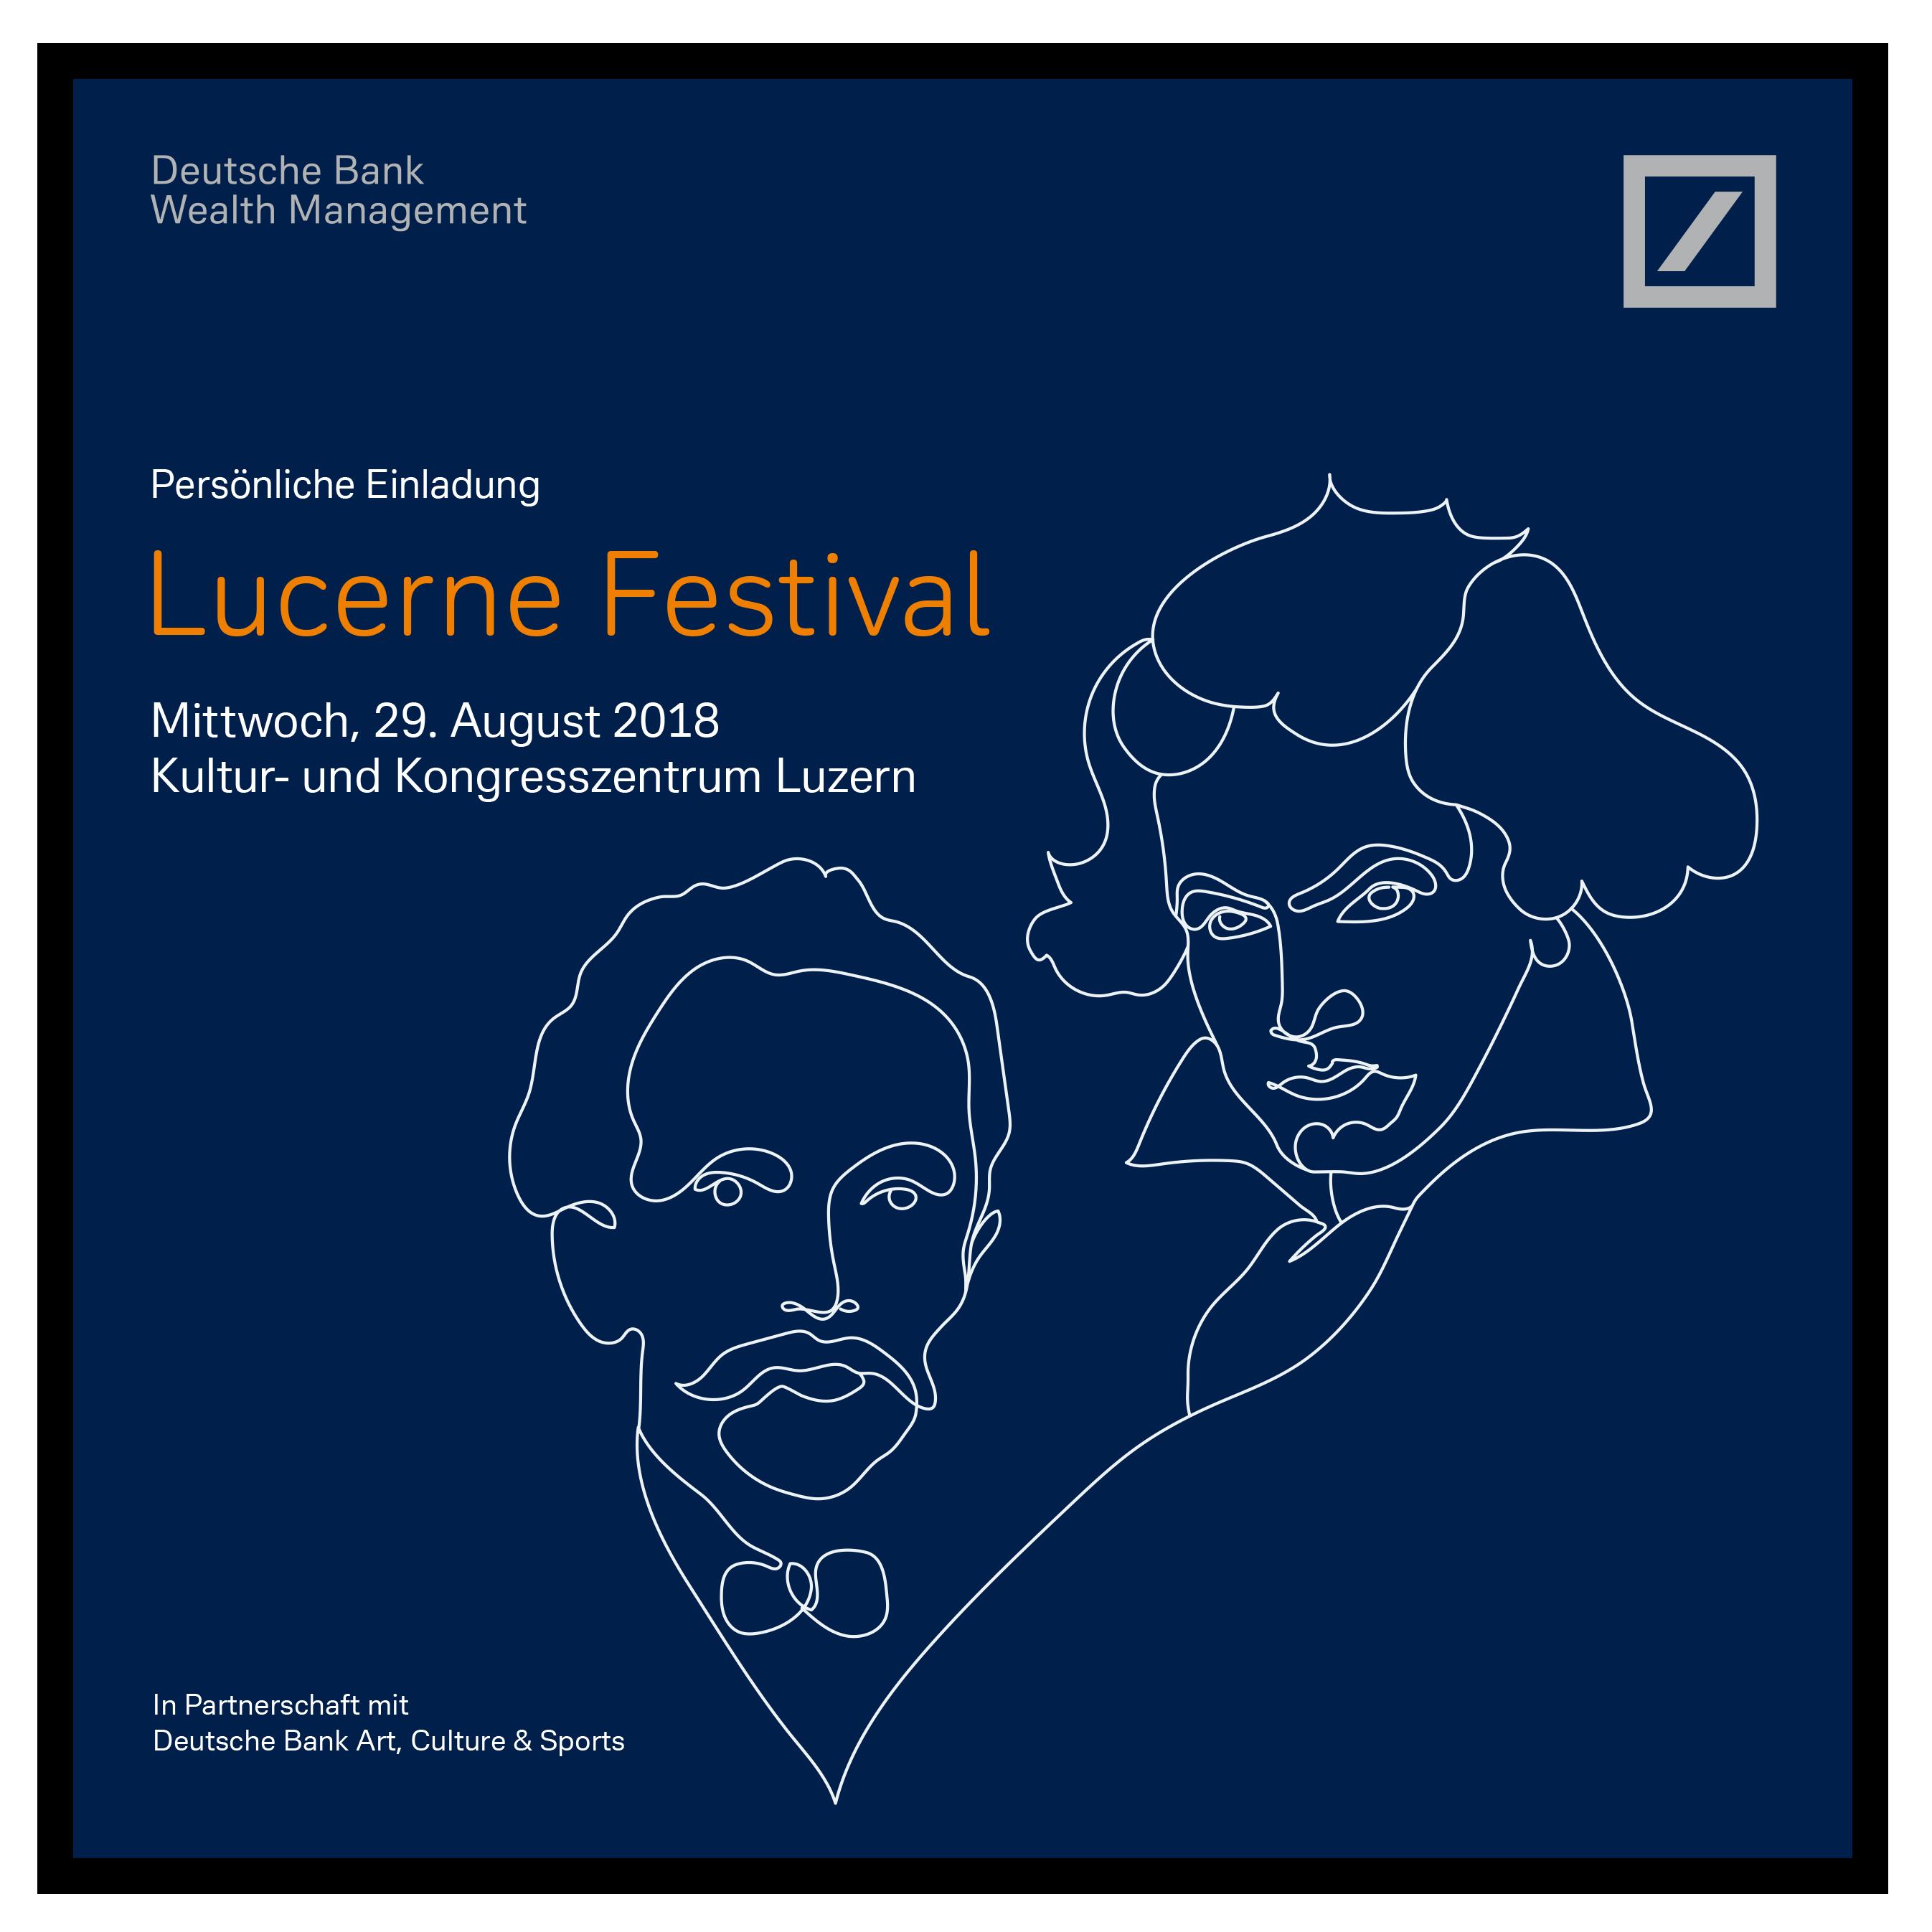 180426-1_Einladung_Opernabend_Luzern-1